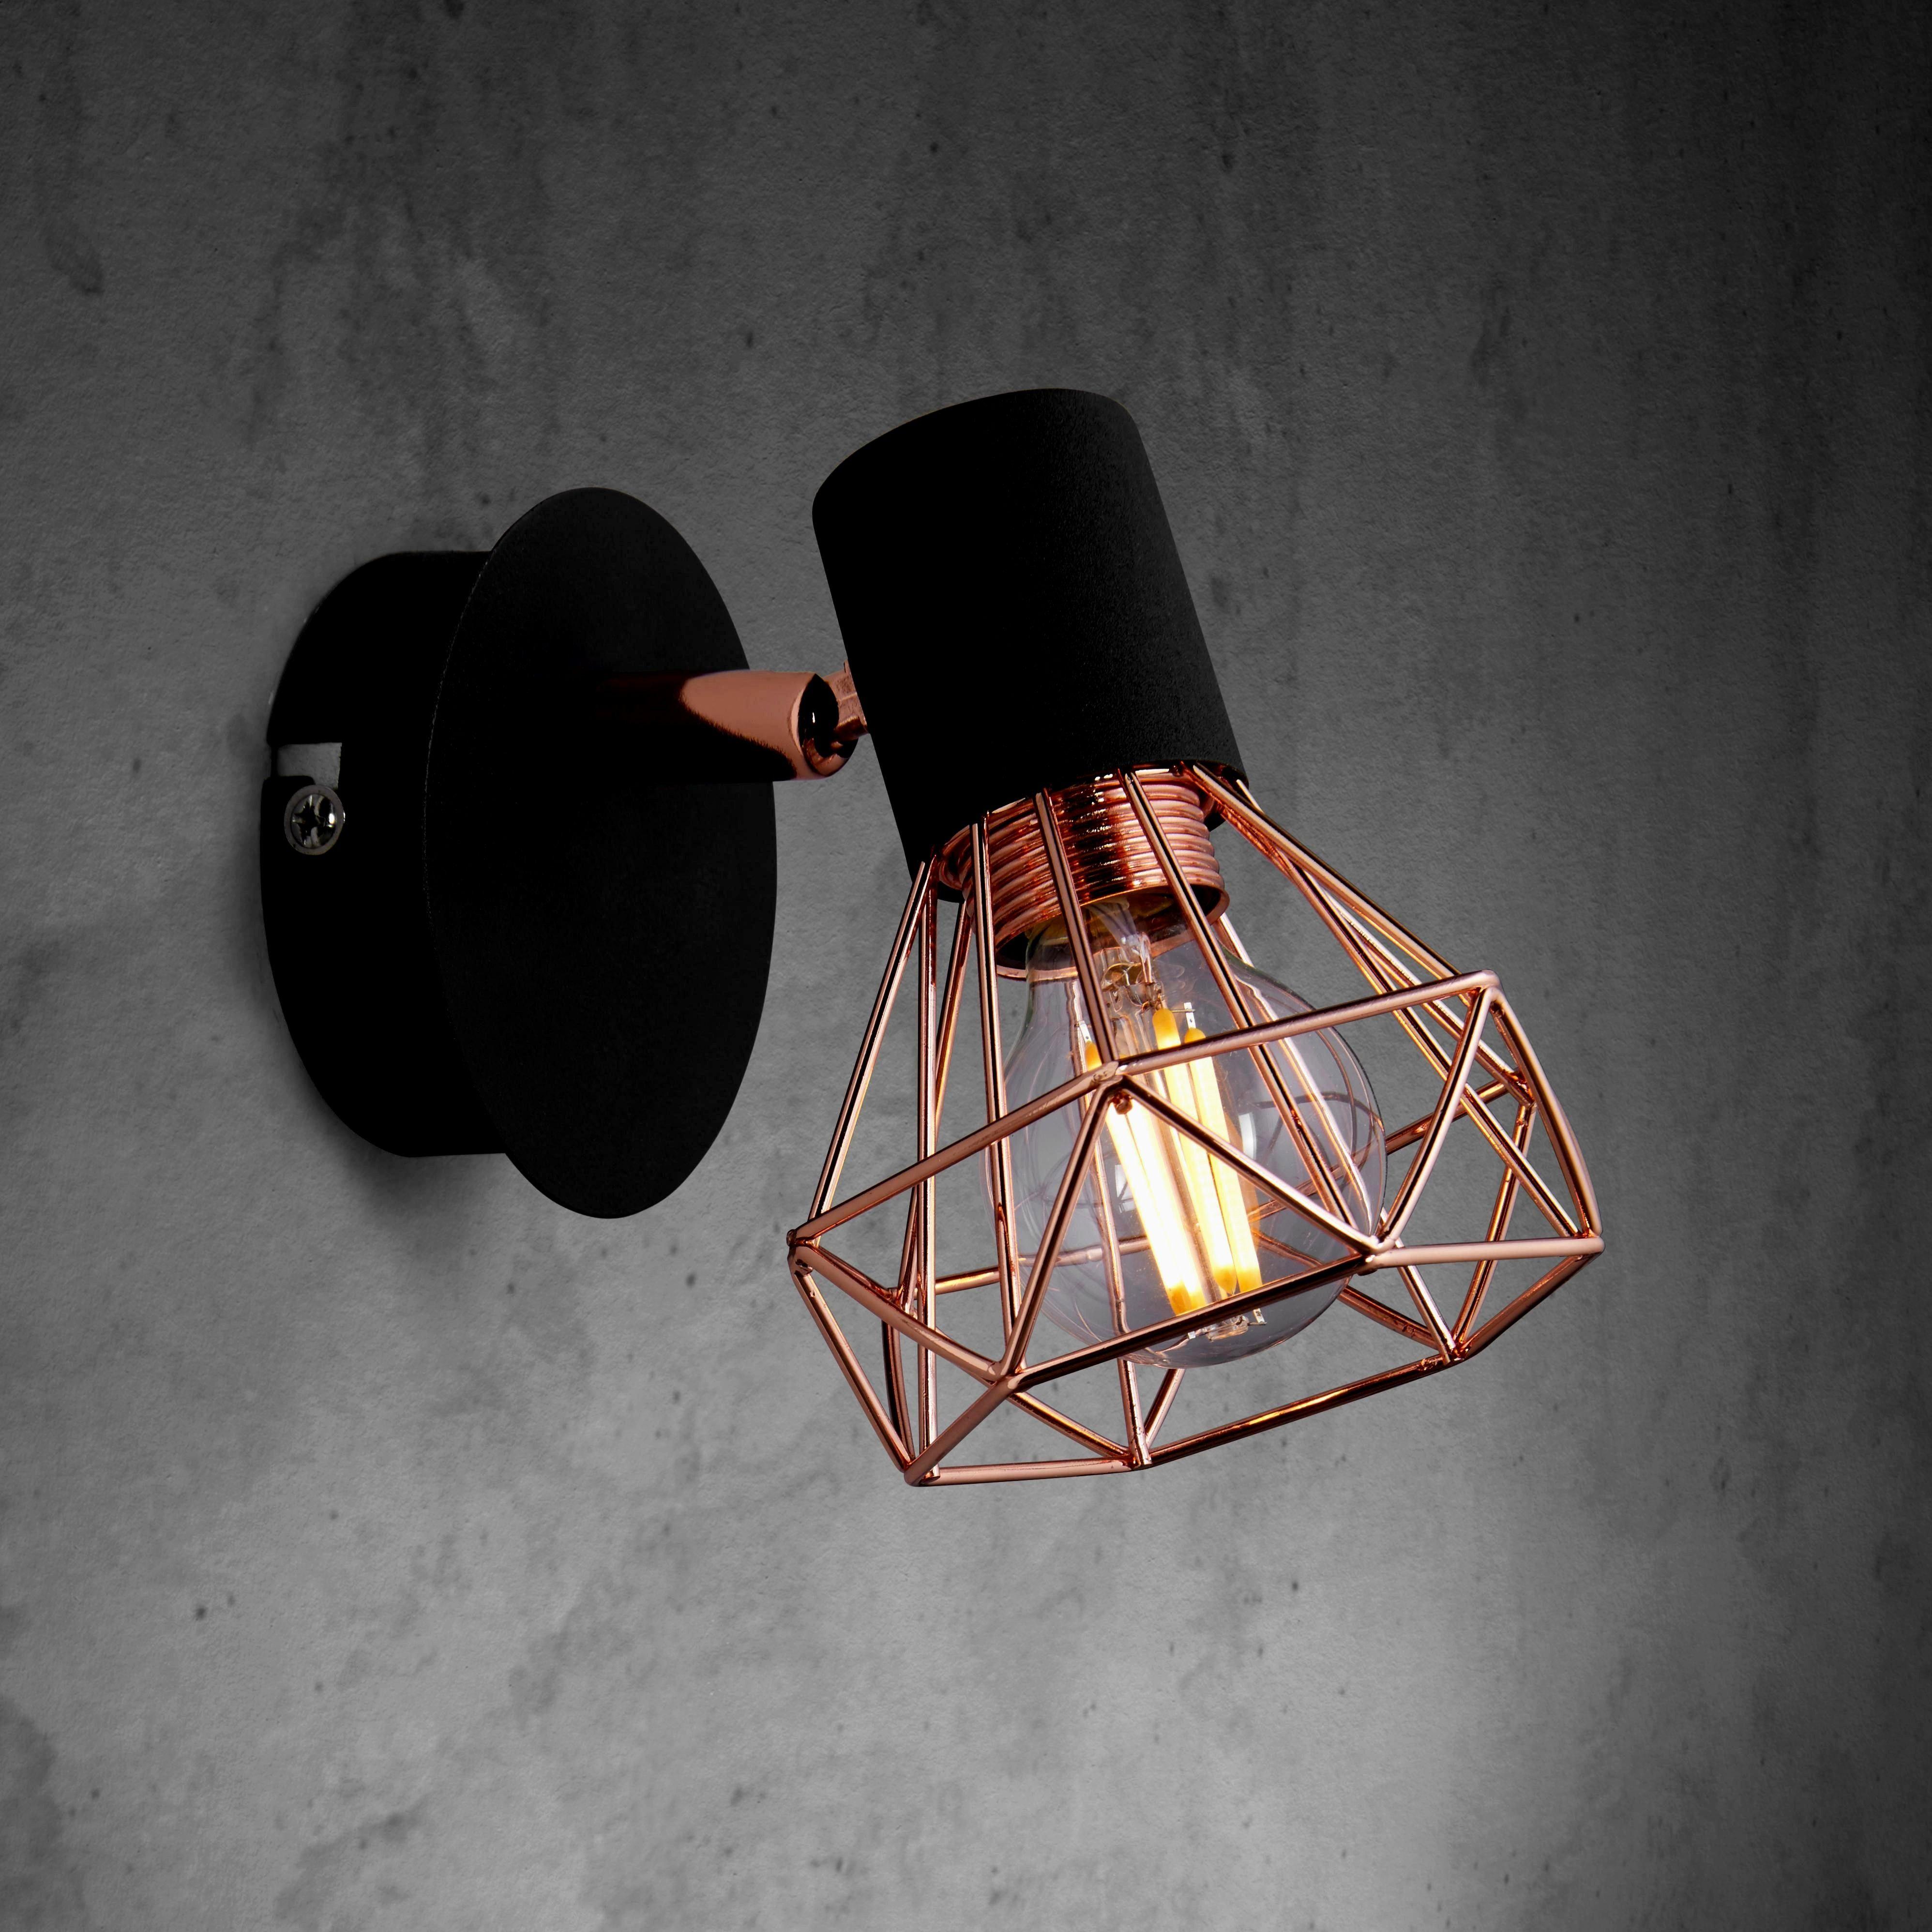 12 Trends Galerie Von Badezimmer Lampe Mit Bewegungsmelder Lampe Mit Bewegungsmelder Lampen Lampen Treppenhaus